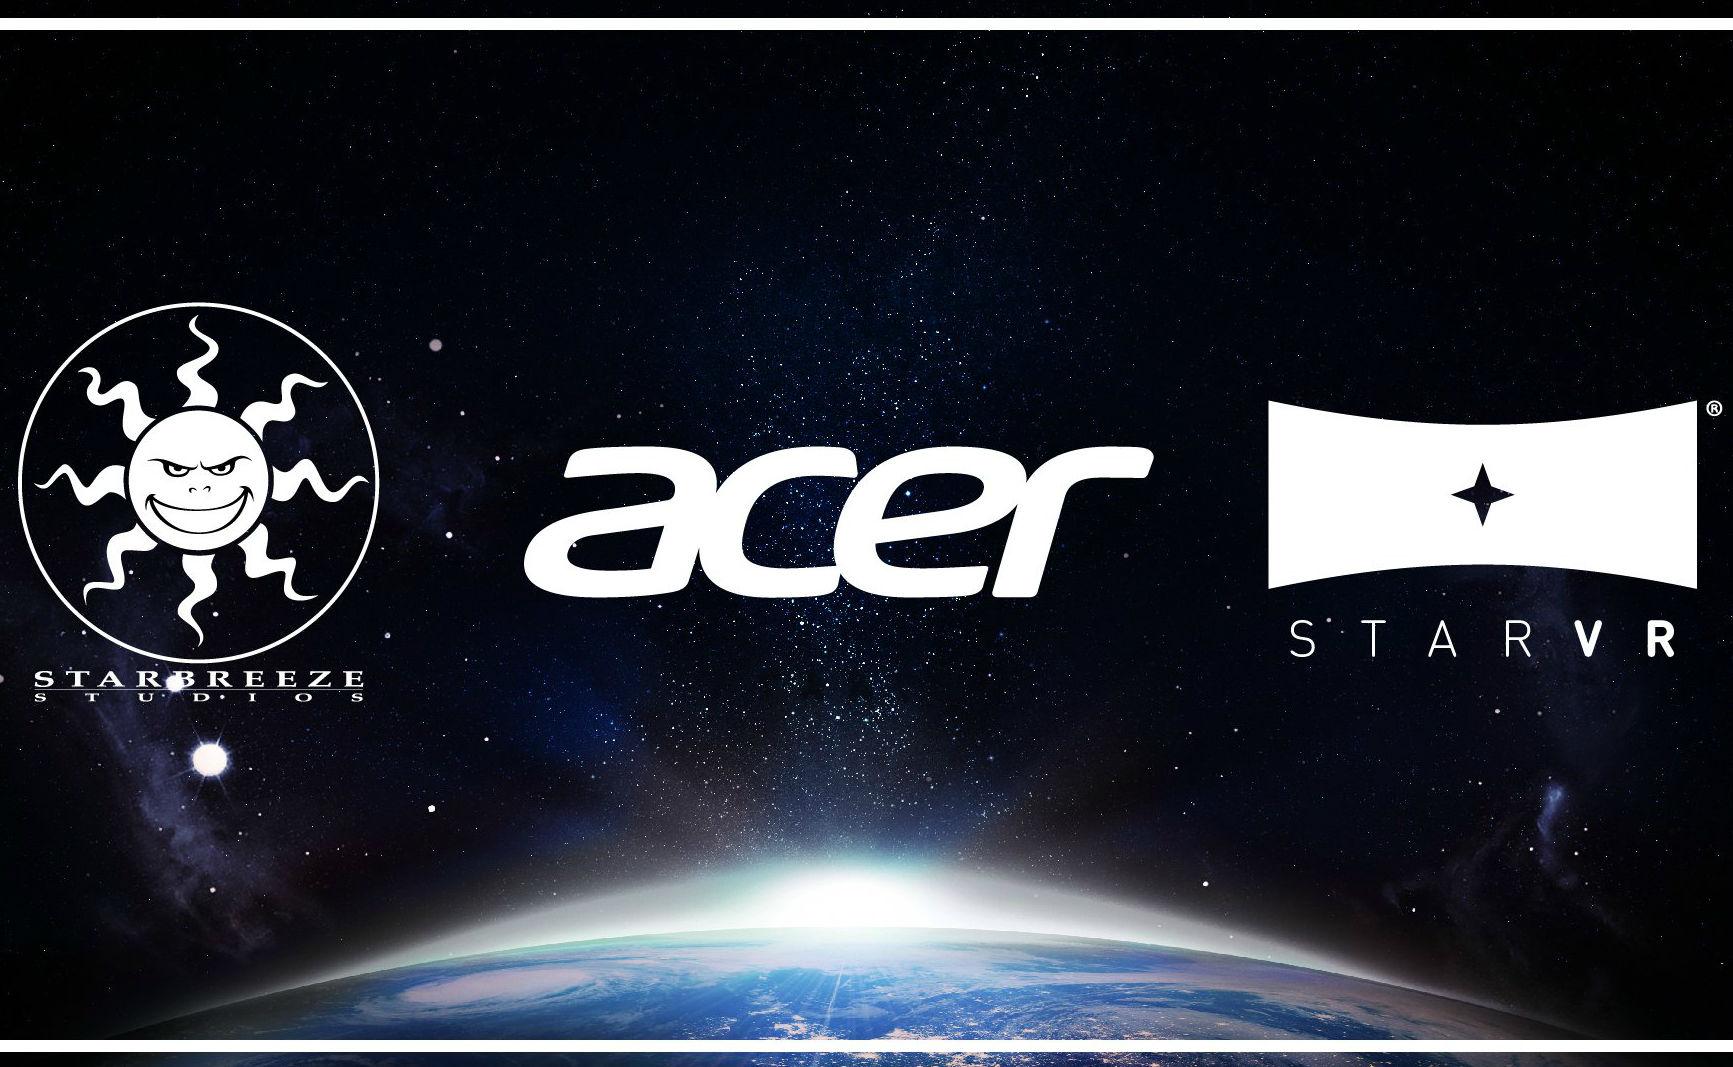 宏碁(Acer) 今天也宣布要做 VR 了!